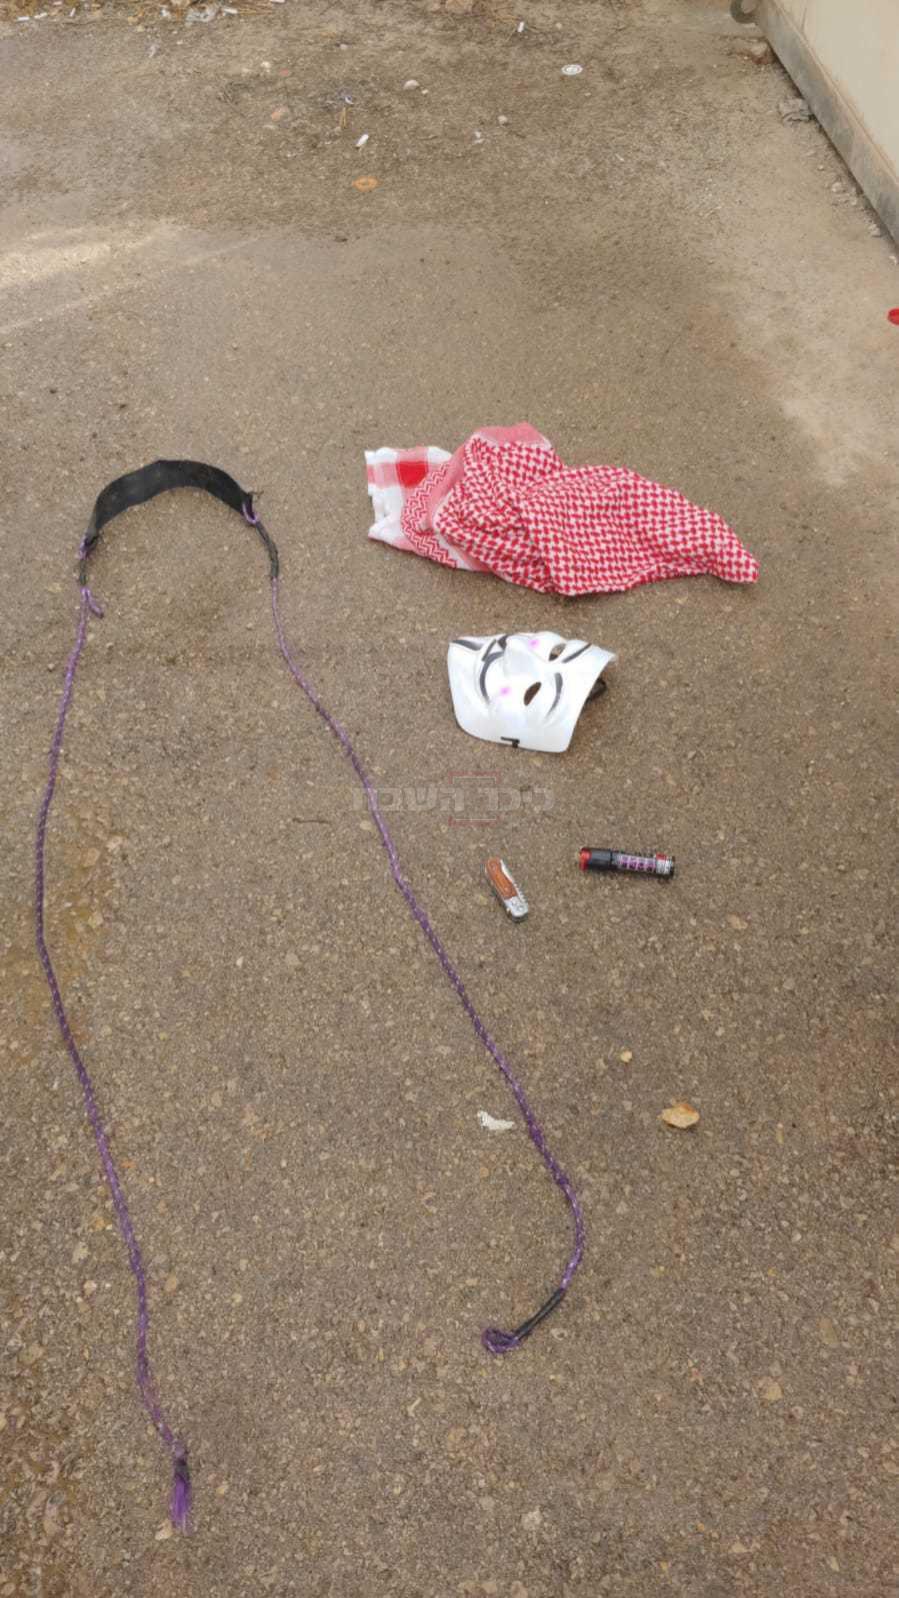 המסכה והסכין של החשוד (צילום: דוברות המשטרה)